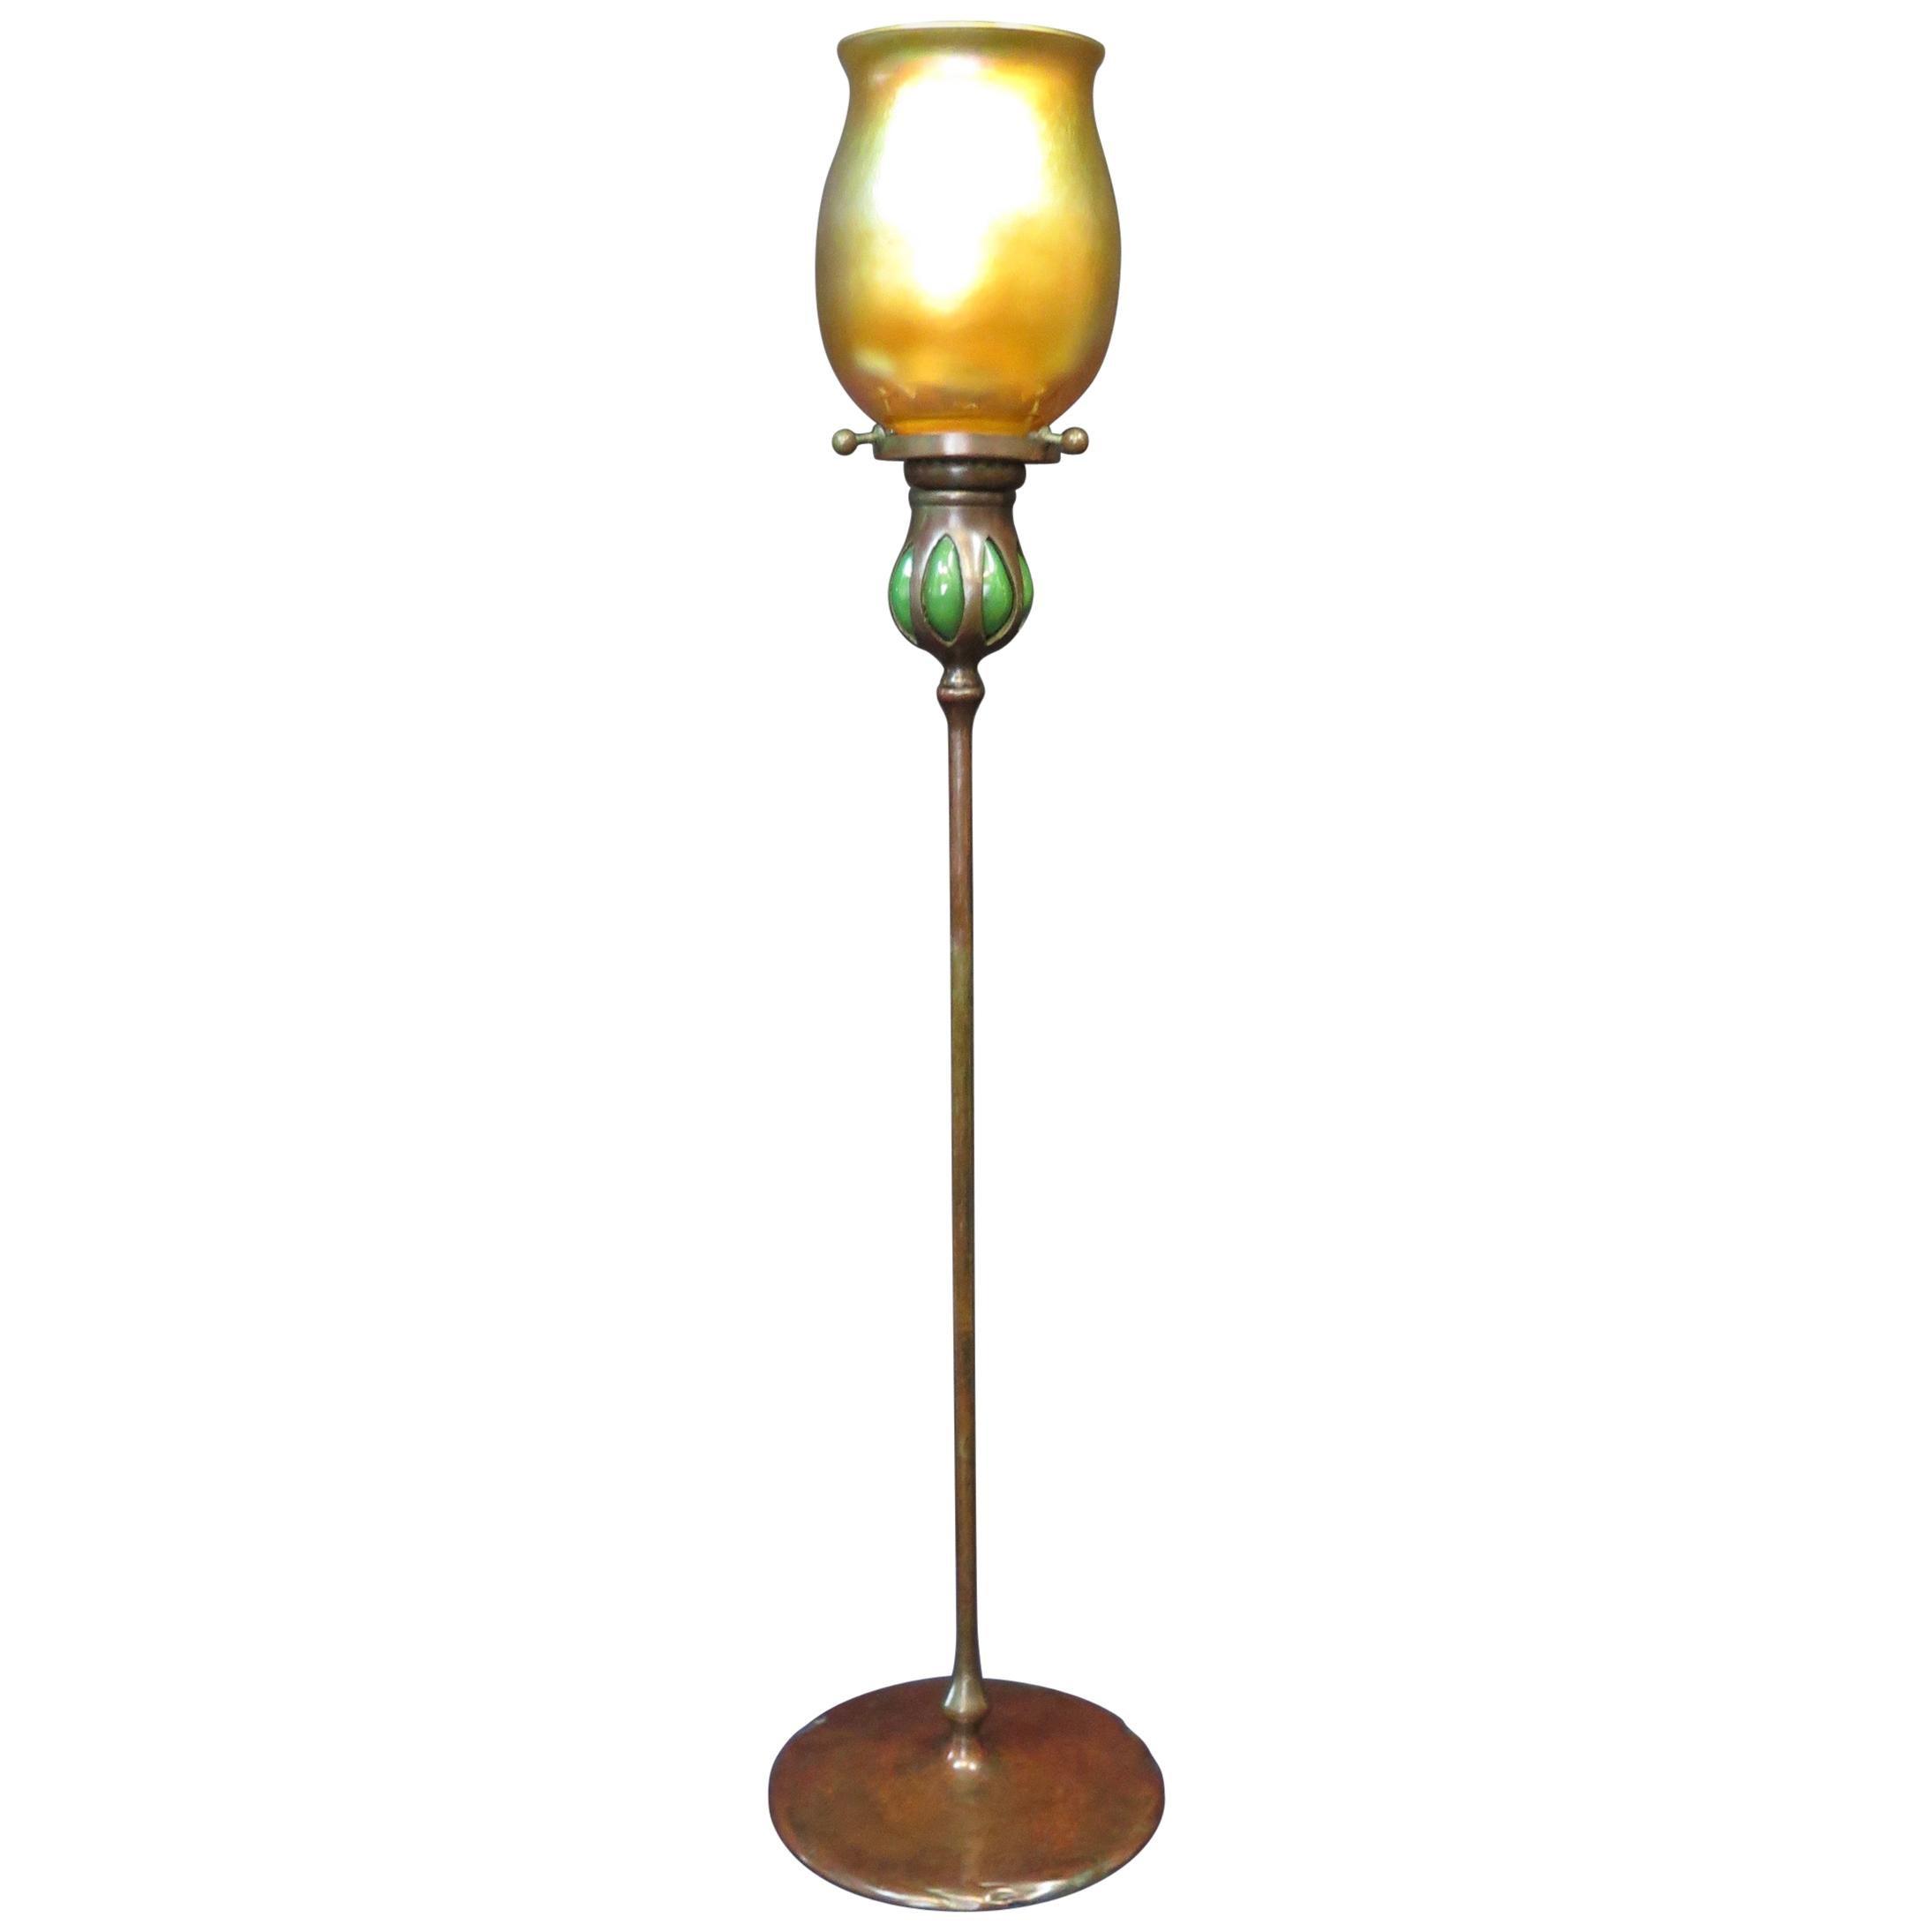 Tiffany Studios Tall Candlestick with Tiffany Studios Shade